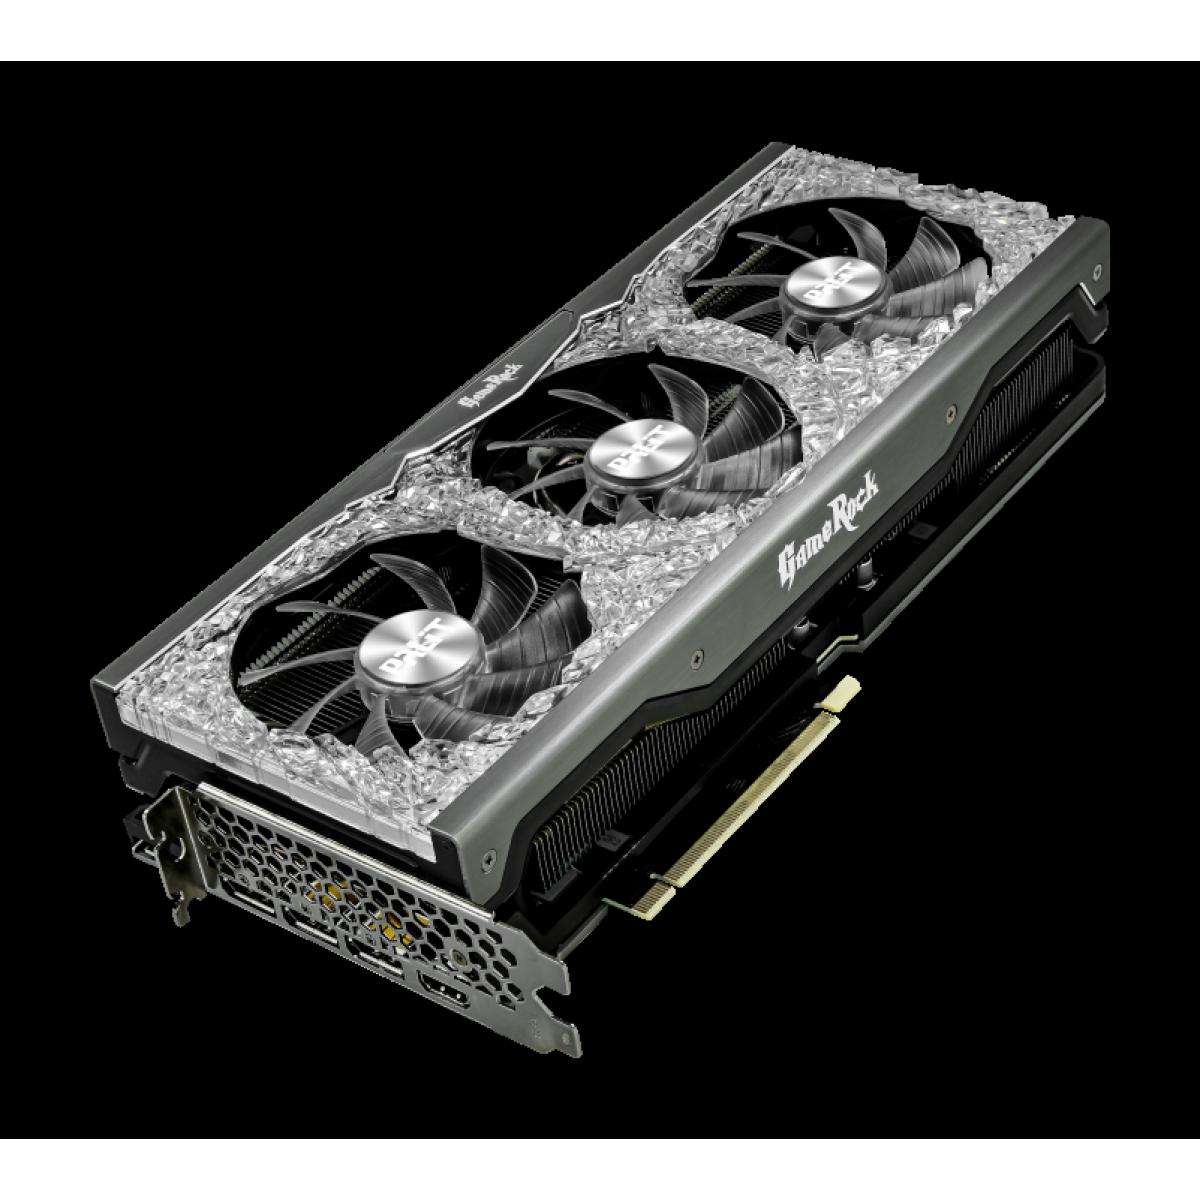 Placa de Vídeo Palit NVIDIA GeForce RTX 3080 Ti GameRock OC, 12GB, GDDR6X, 384bit, LHR, NED308TT19KB-1020G